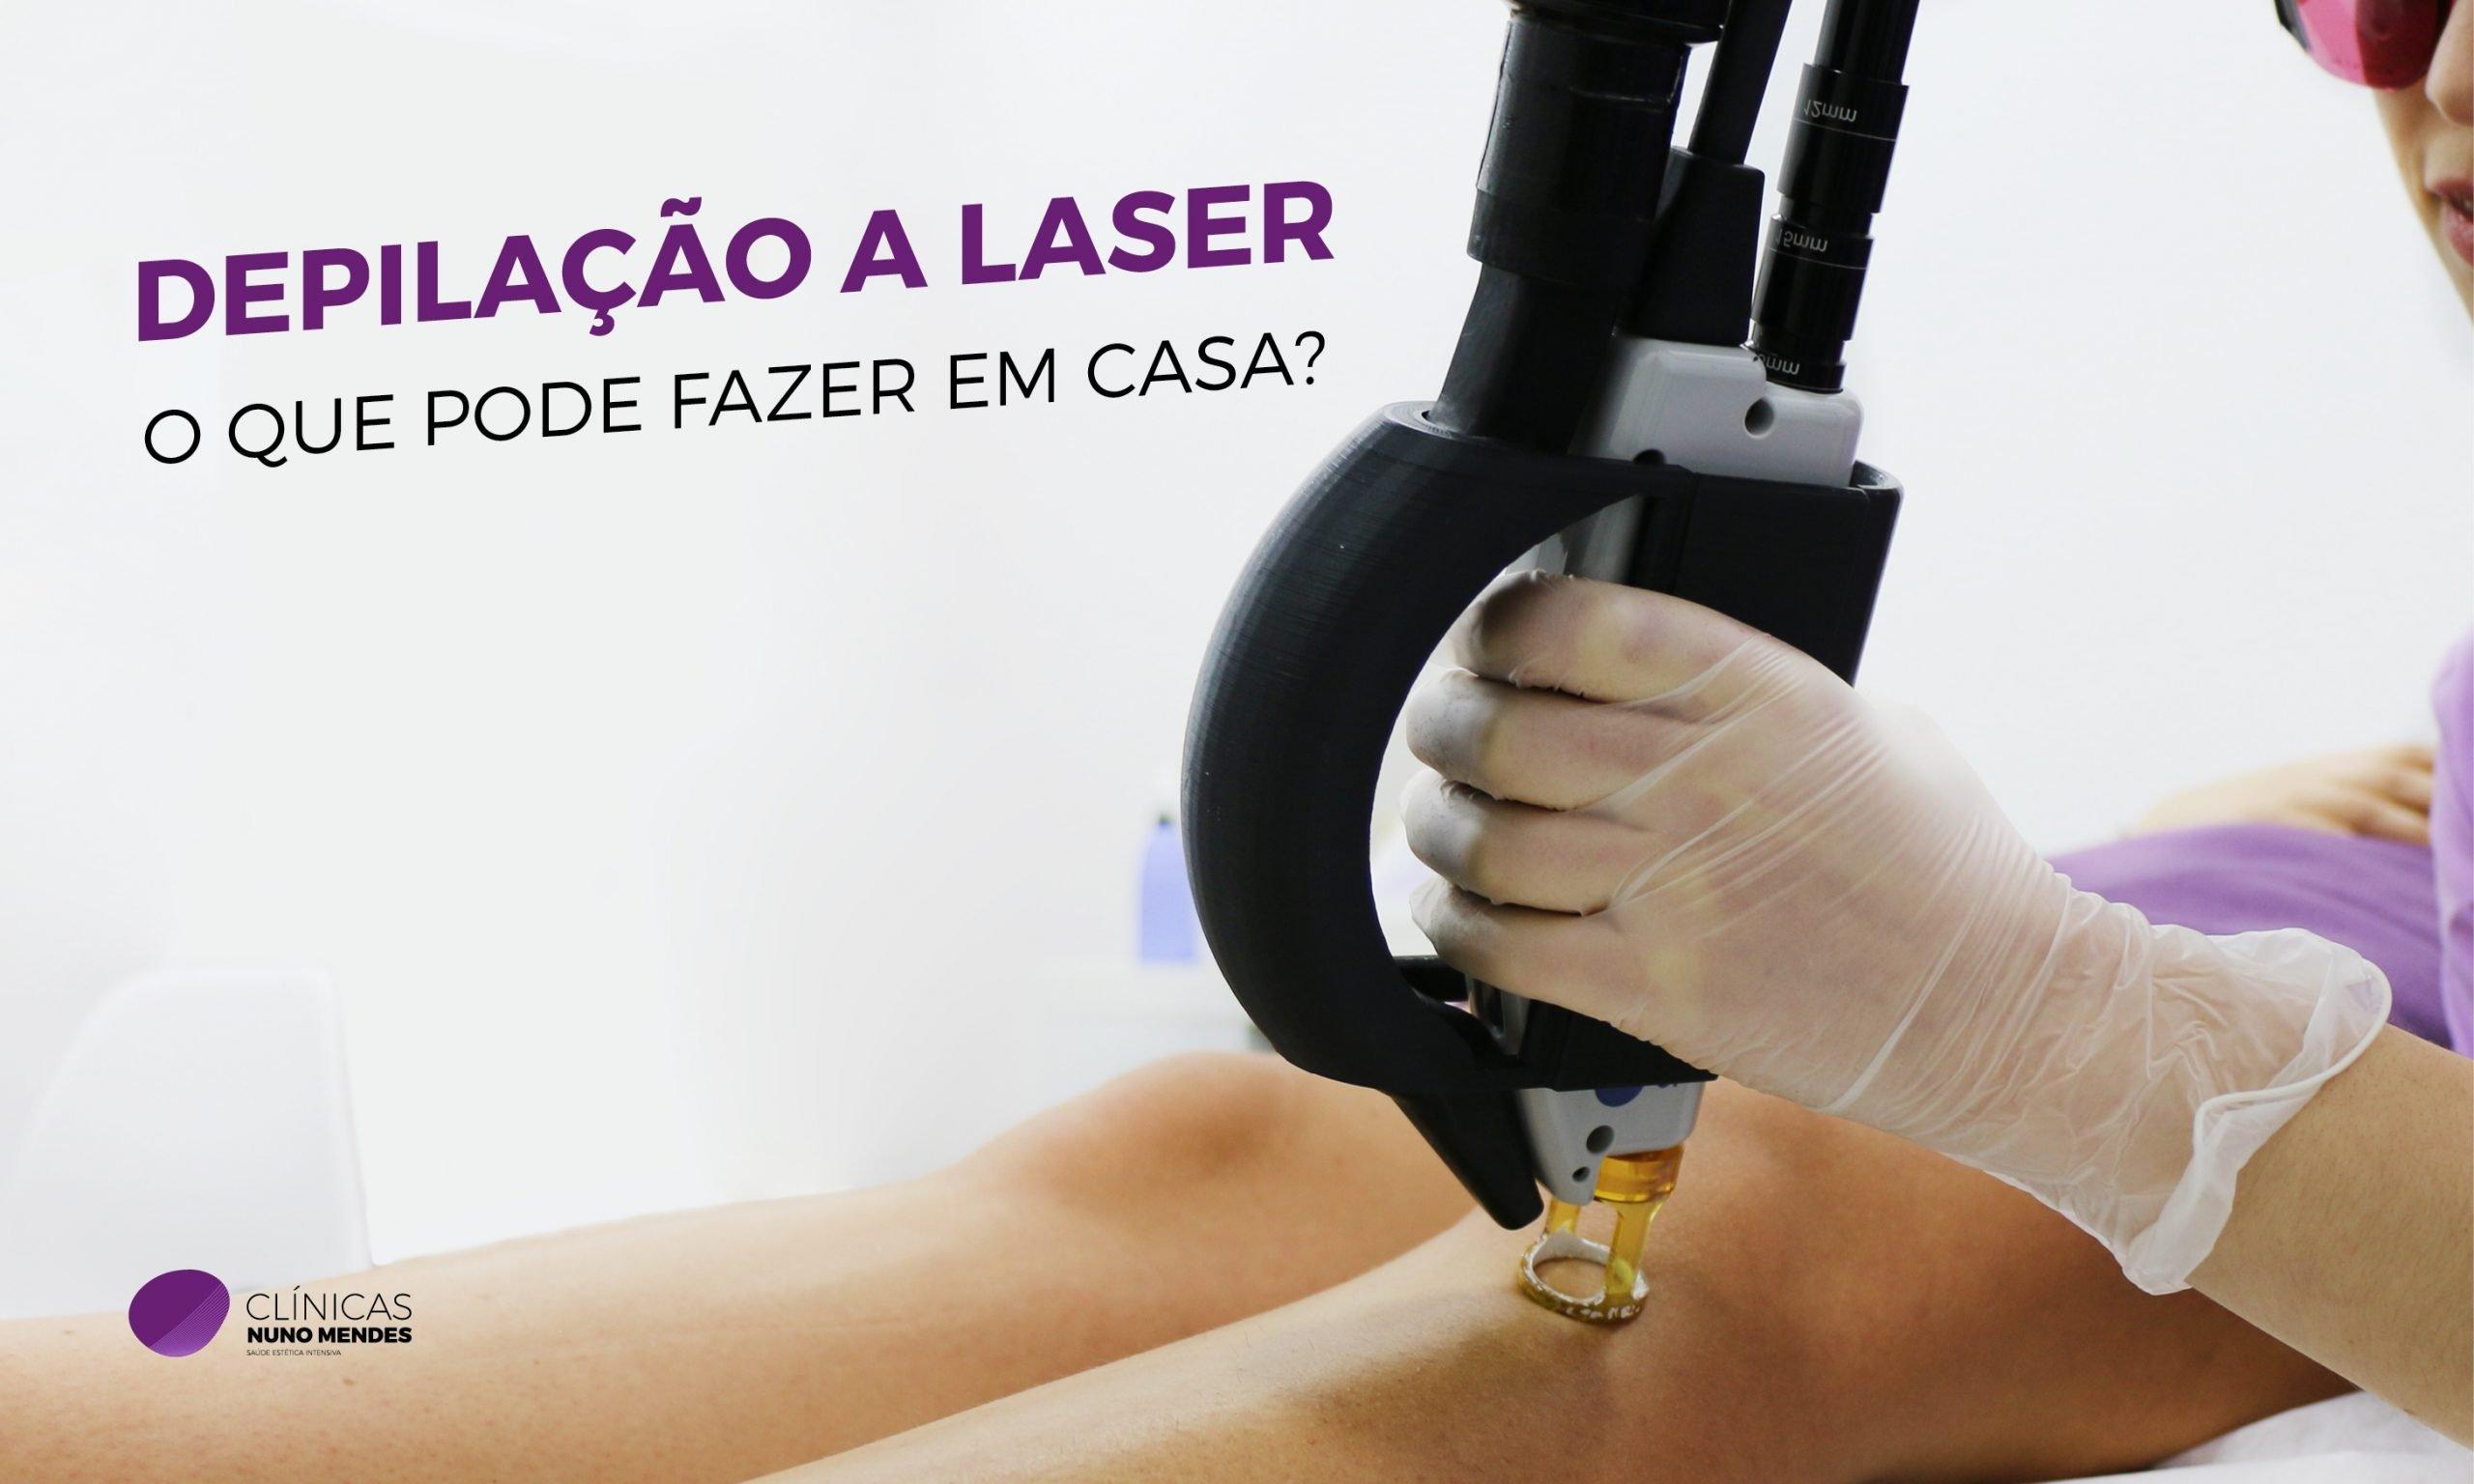 Depilação a Laser: O que pode fazer em casa?